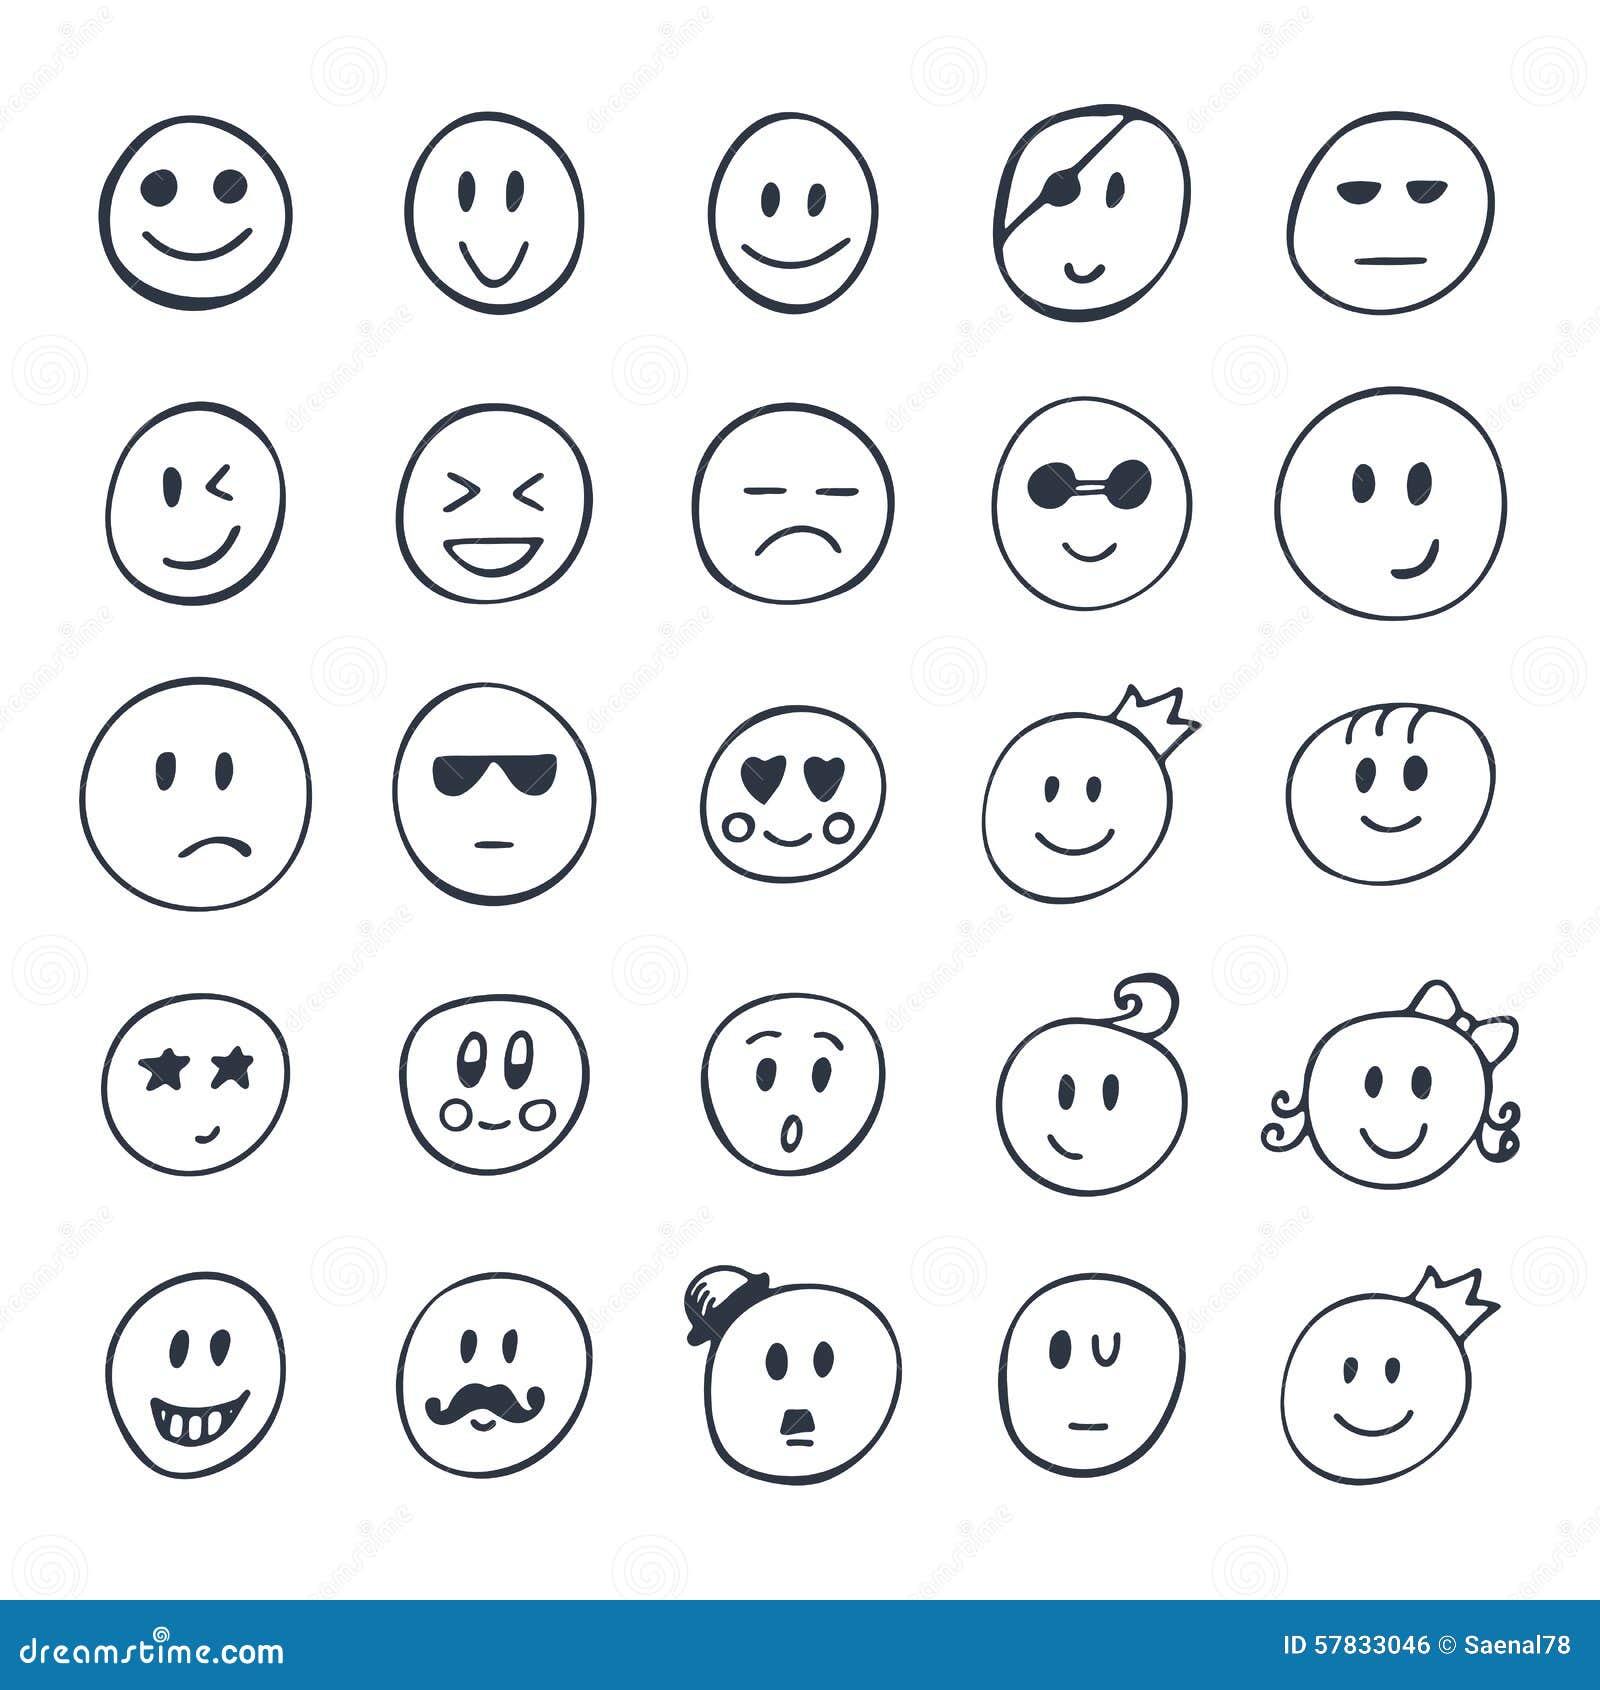 Line Drawing Of Happy Face : Satz hand gezeichneter smiley lustige gesichter mit